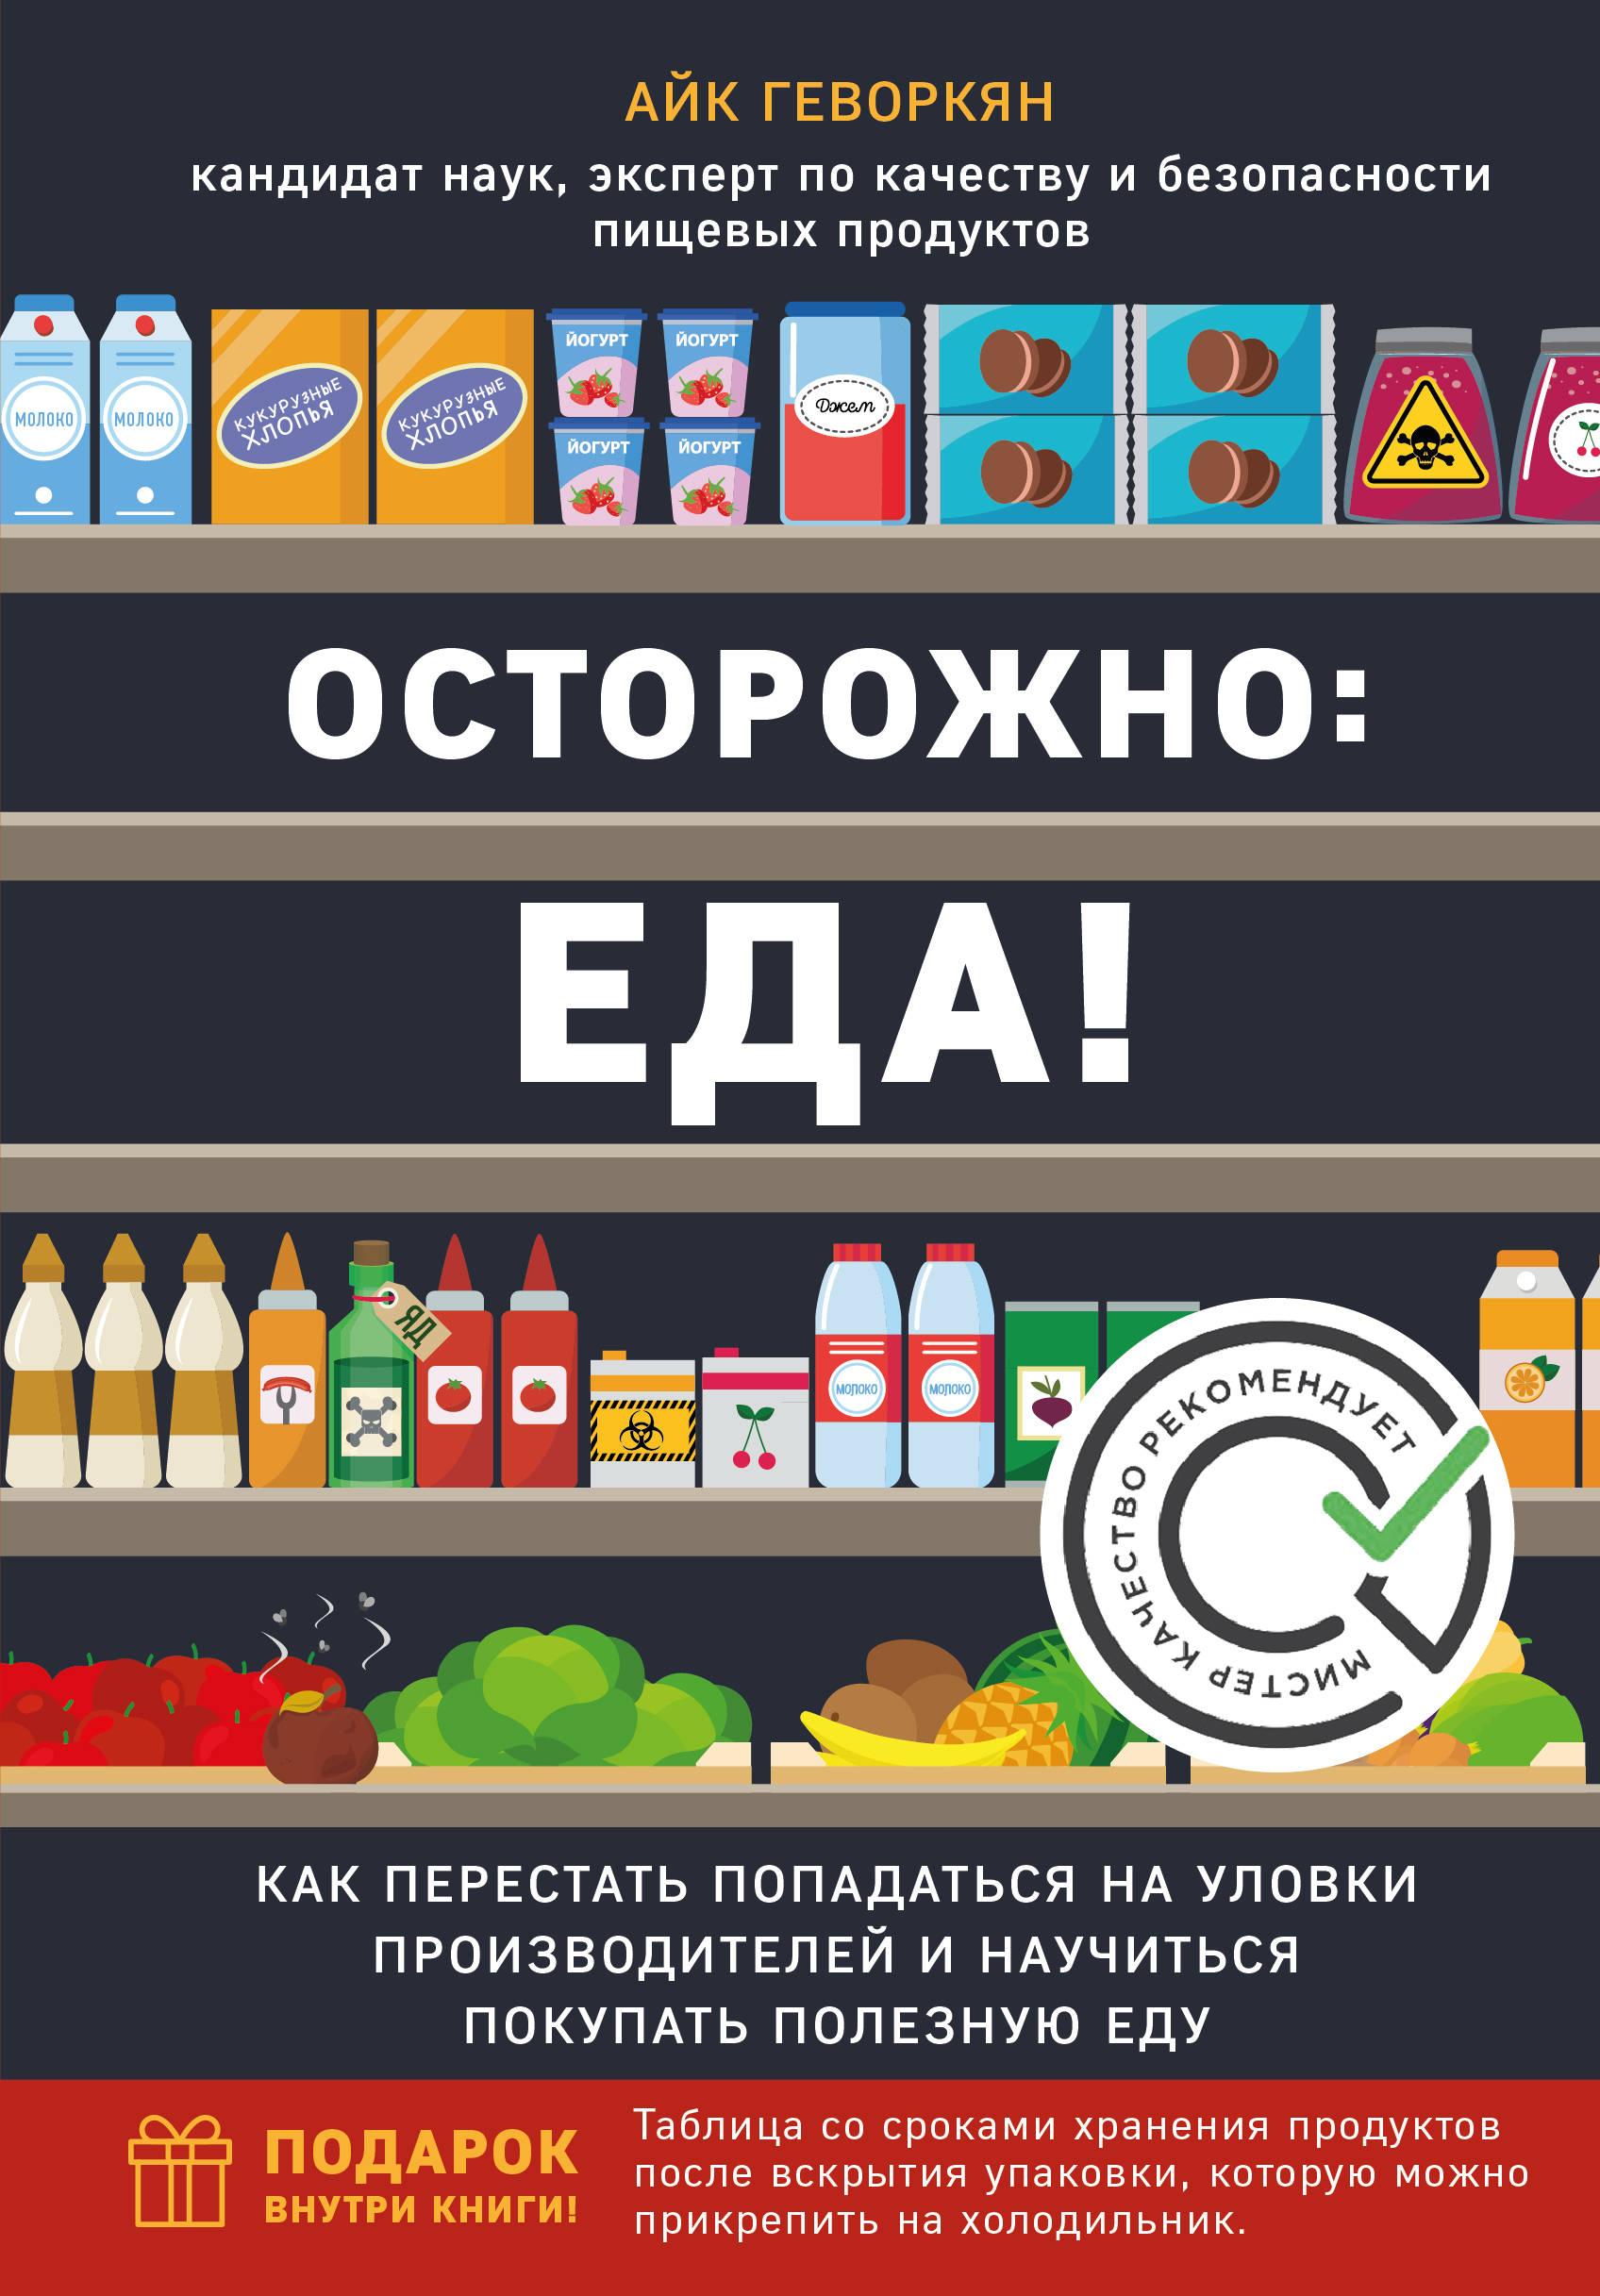 Ostorozhno: eda! Kak perestat popadatsja na ulovki proizvoditelej i nauchitsja pokupat poleznuju edu